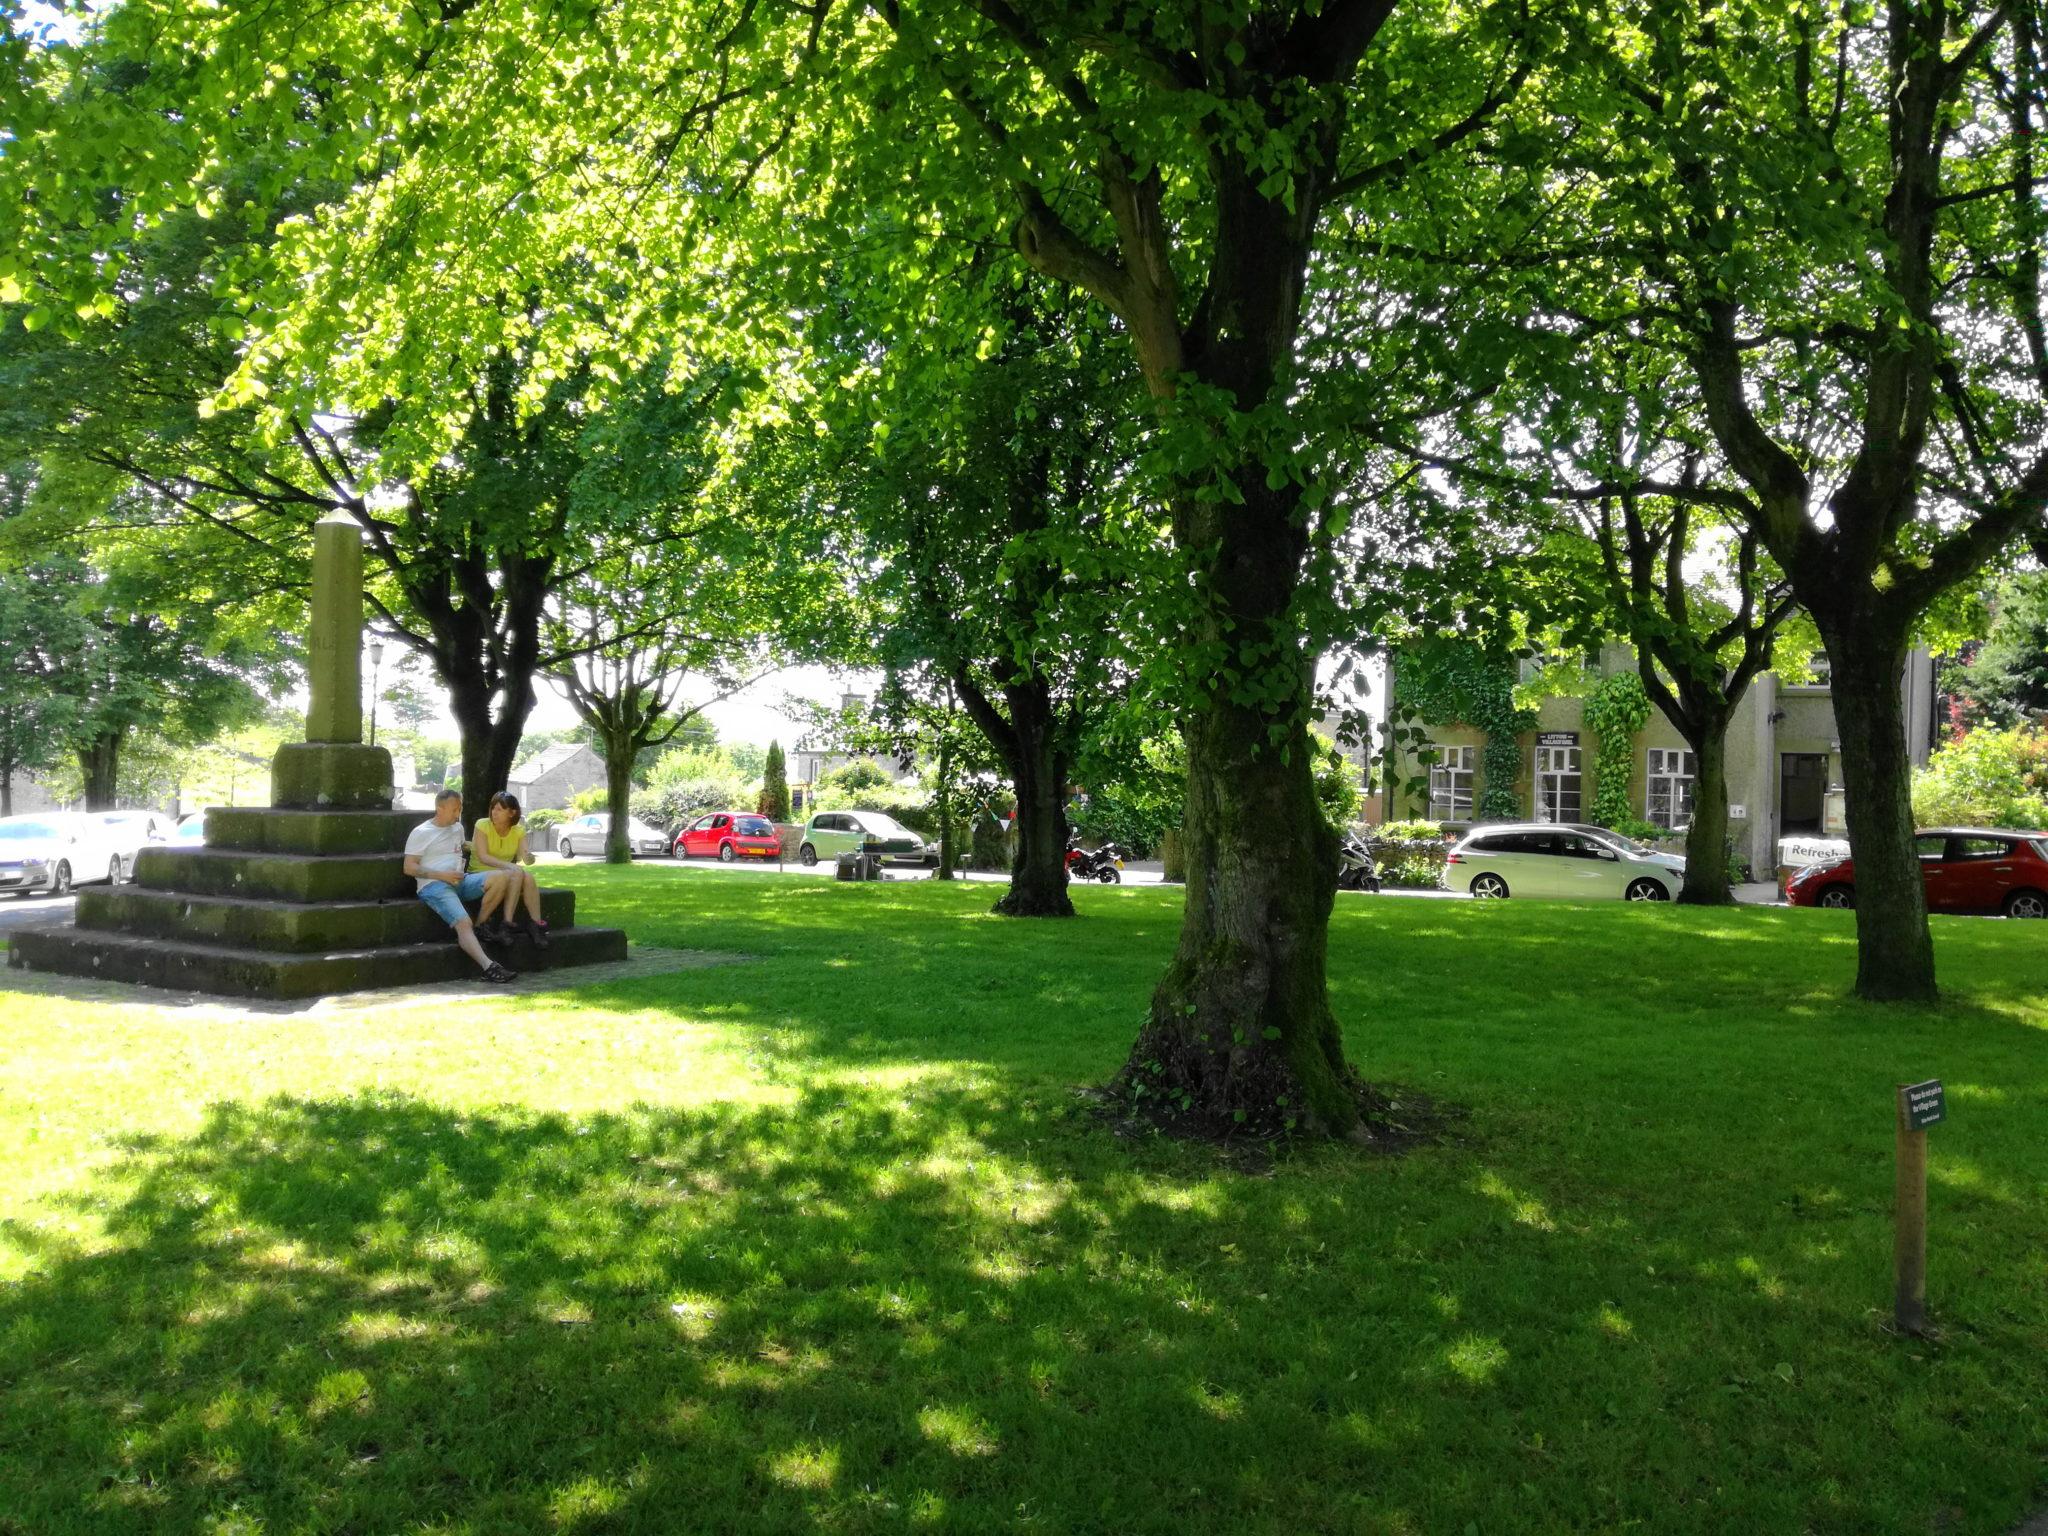 Litton Village Green